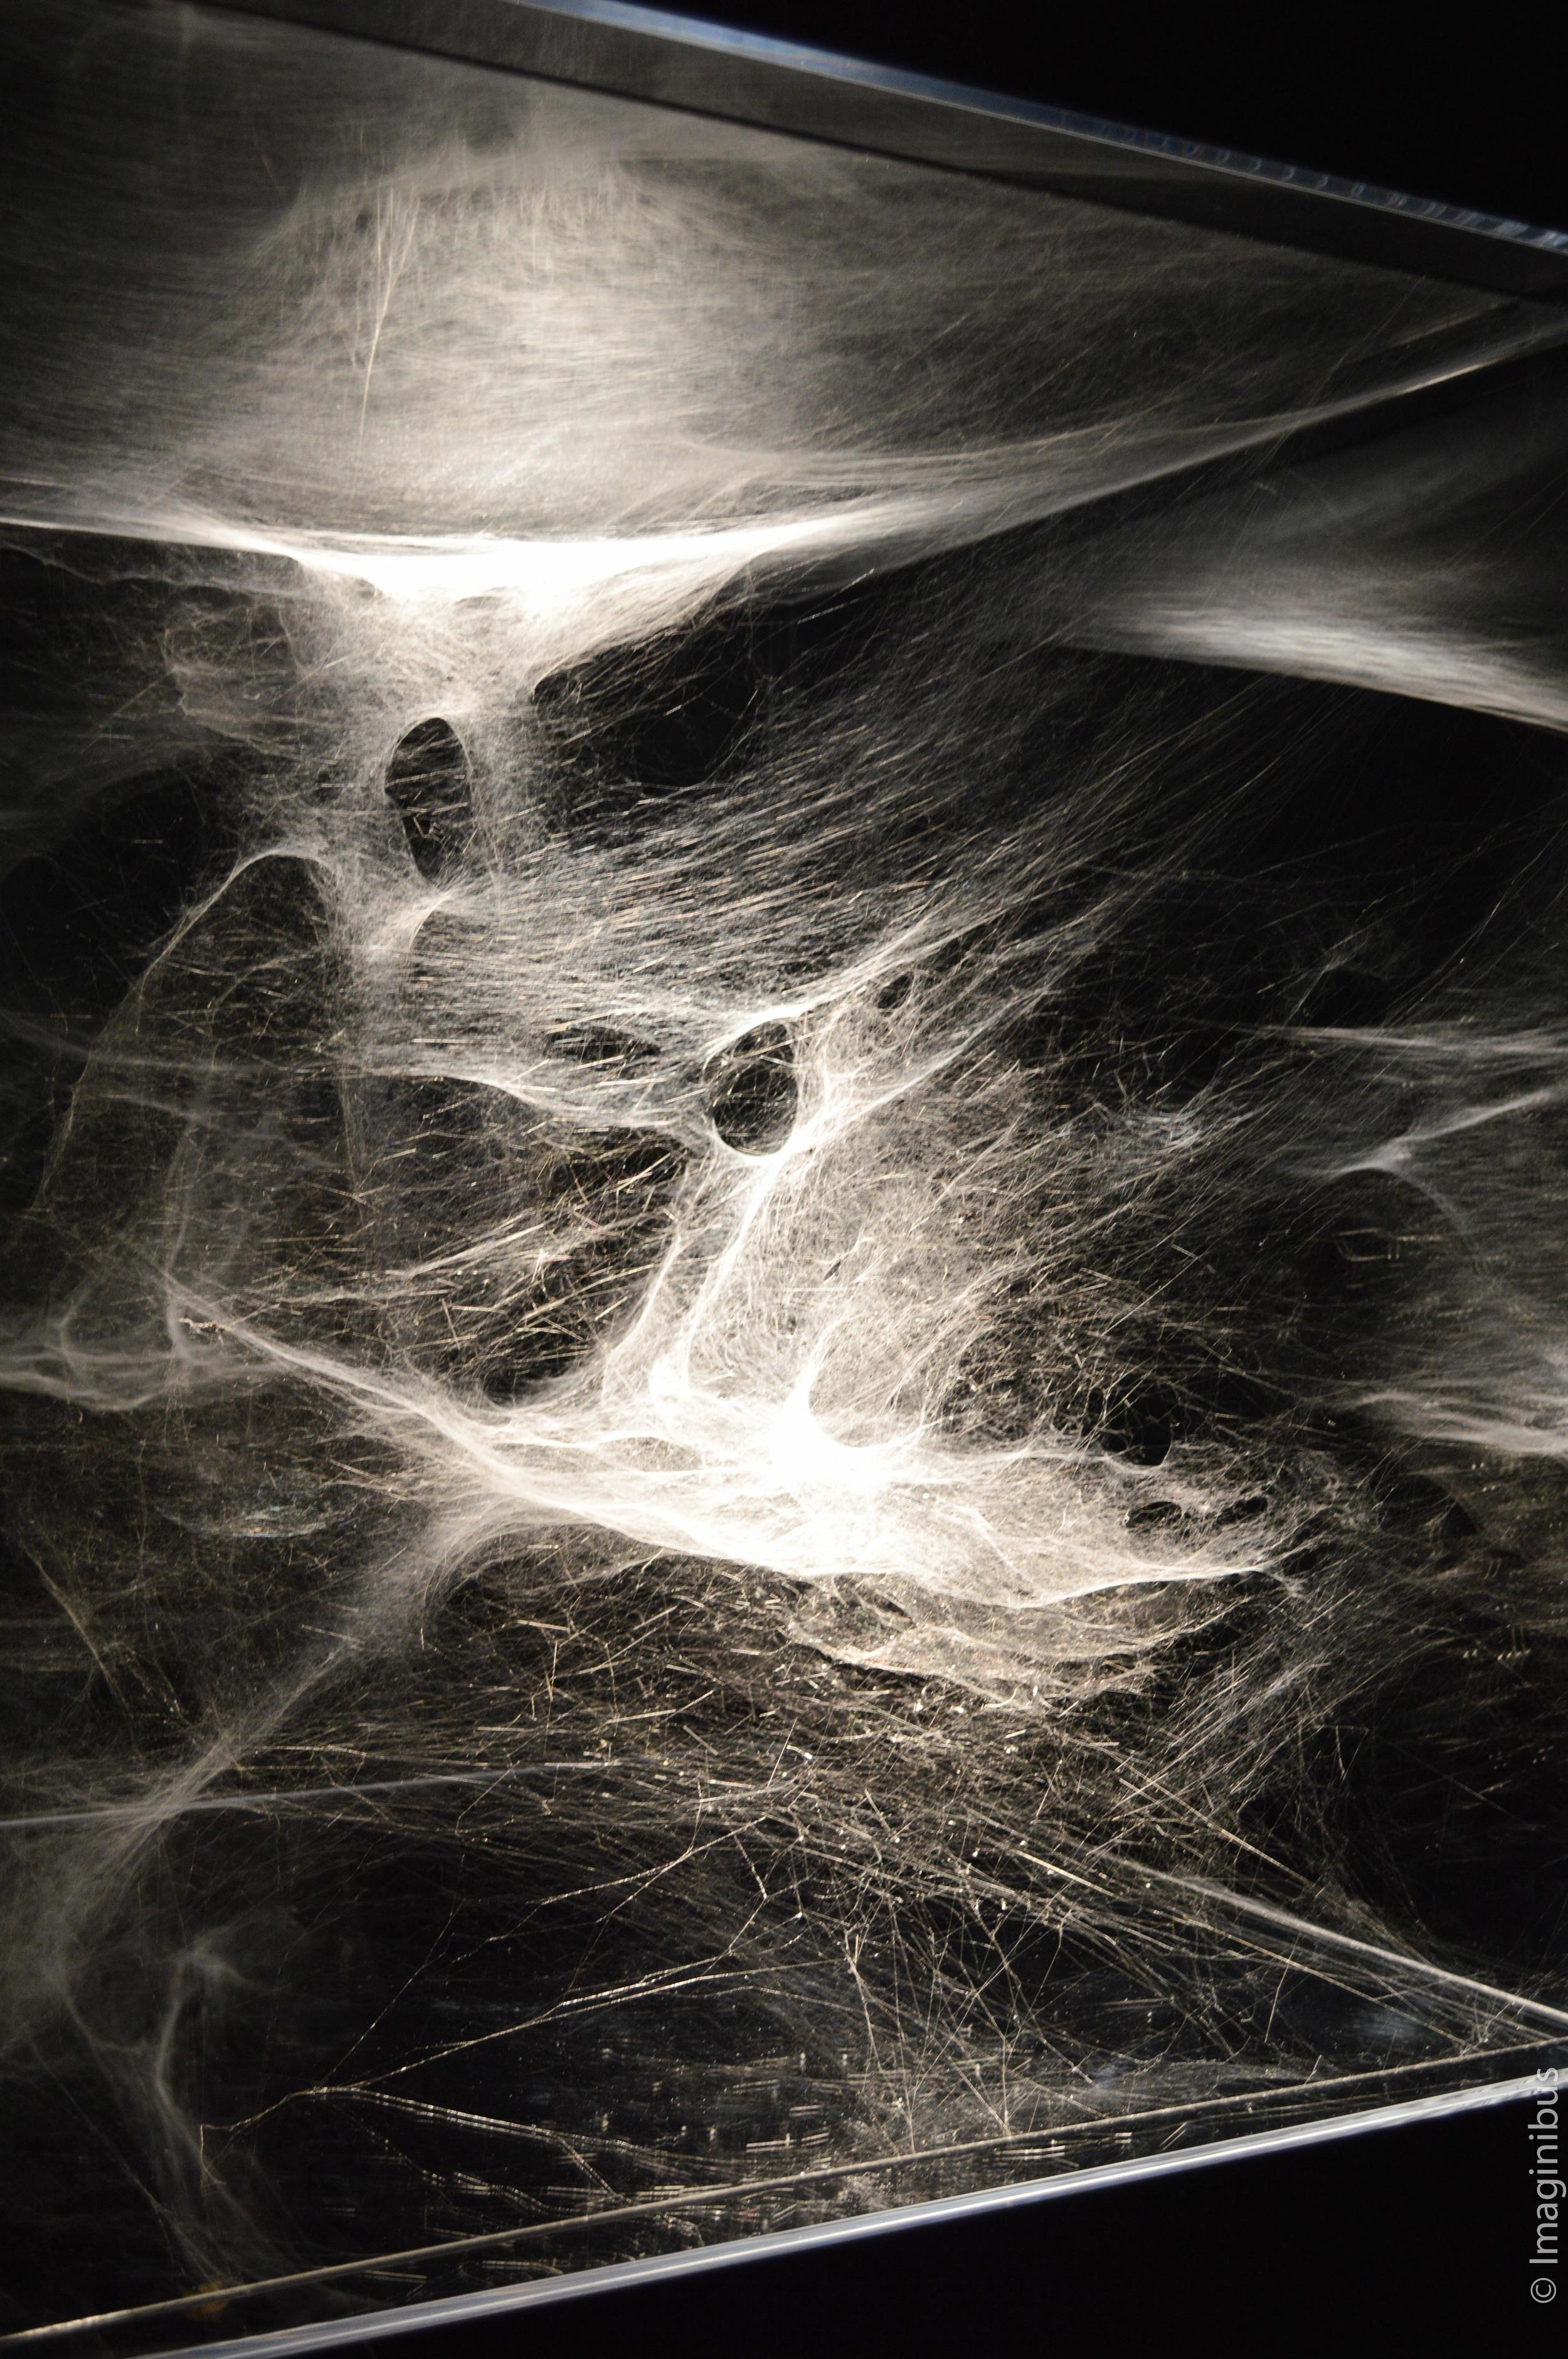 Une brève histoire de l'avenir, Louvre, Spider Webs